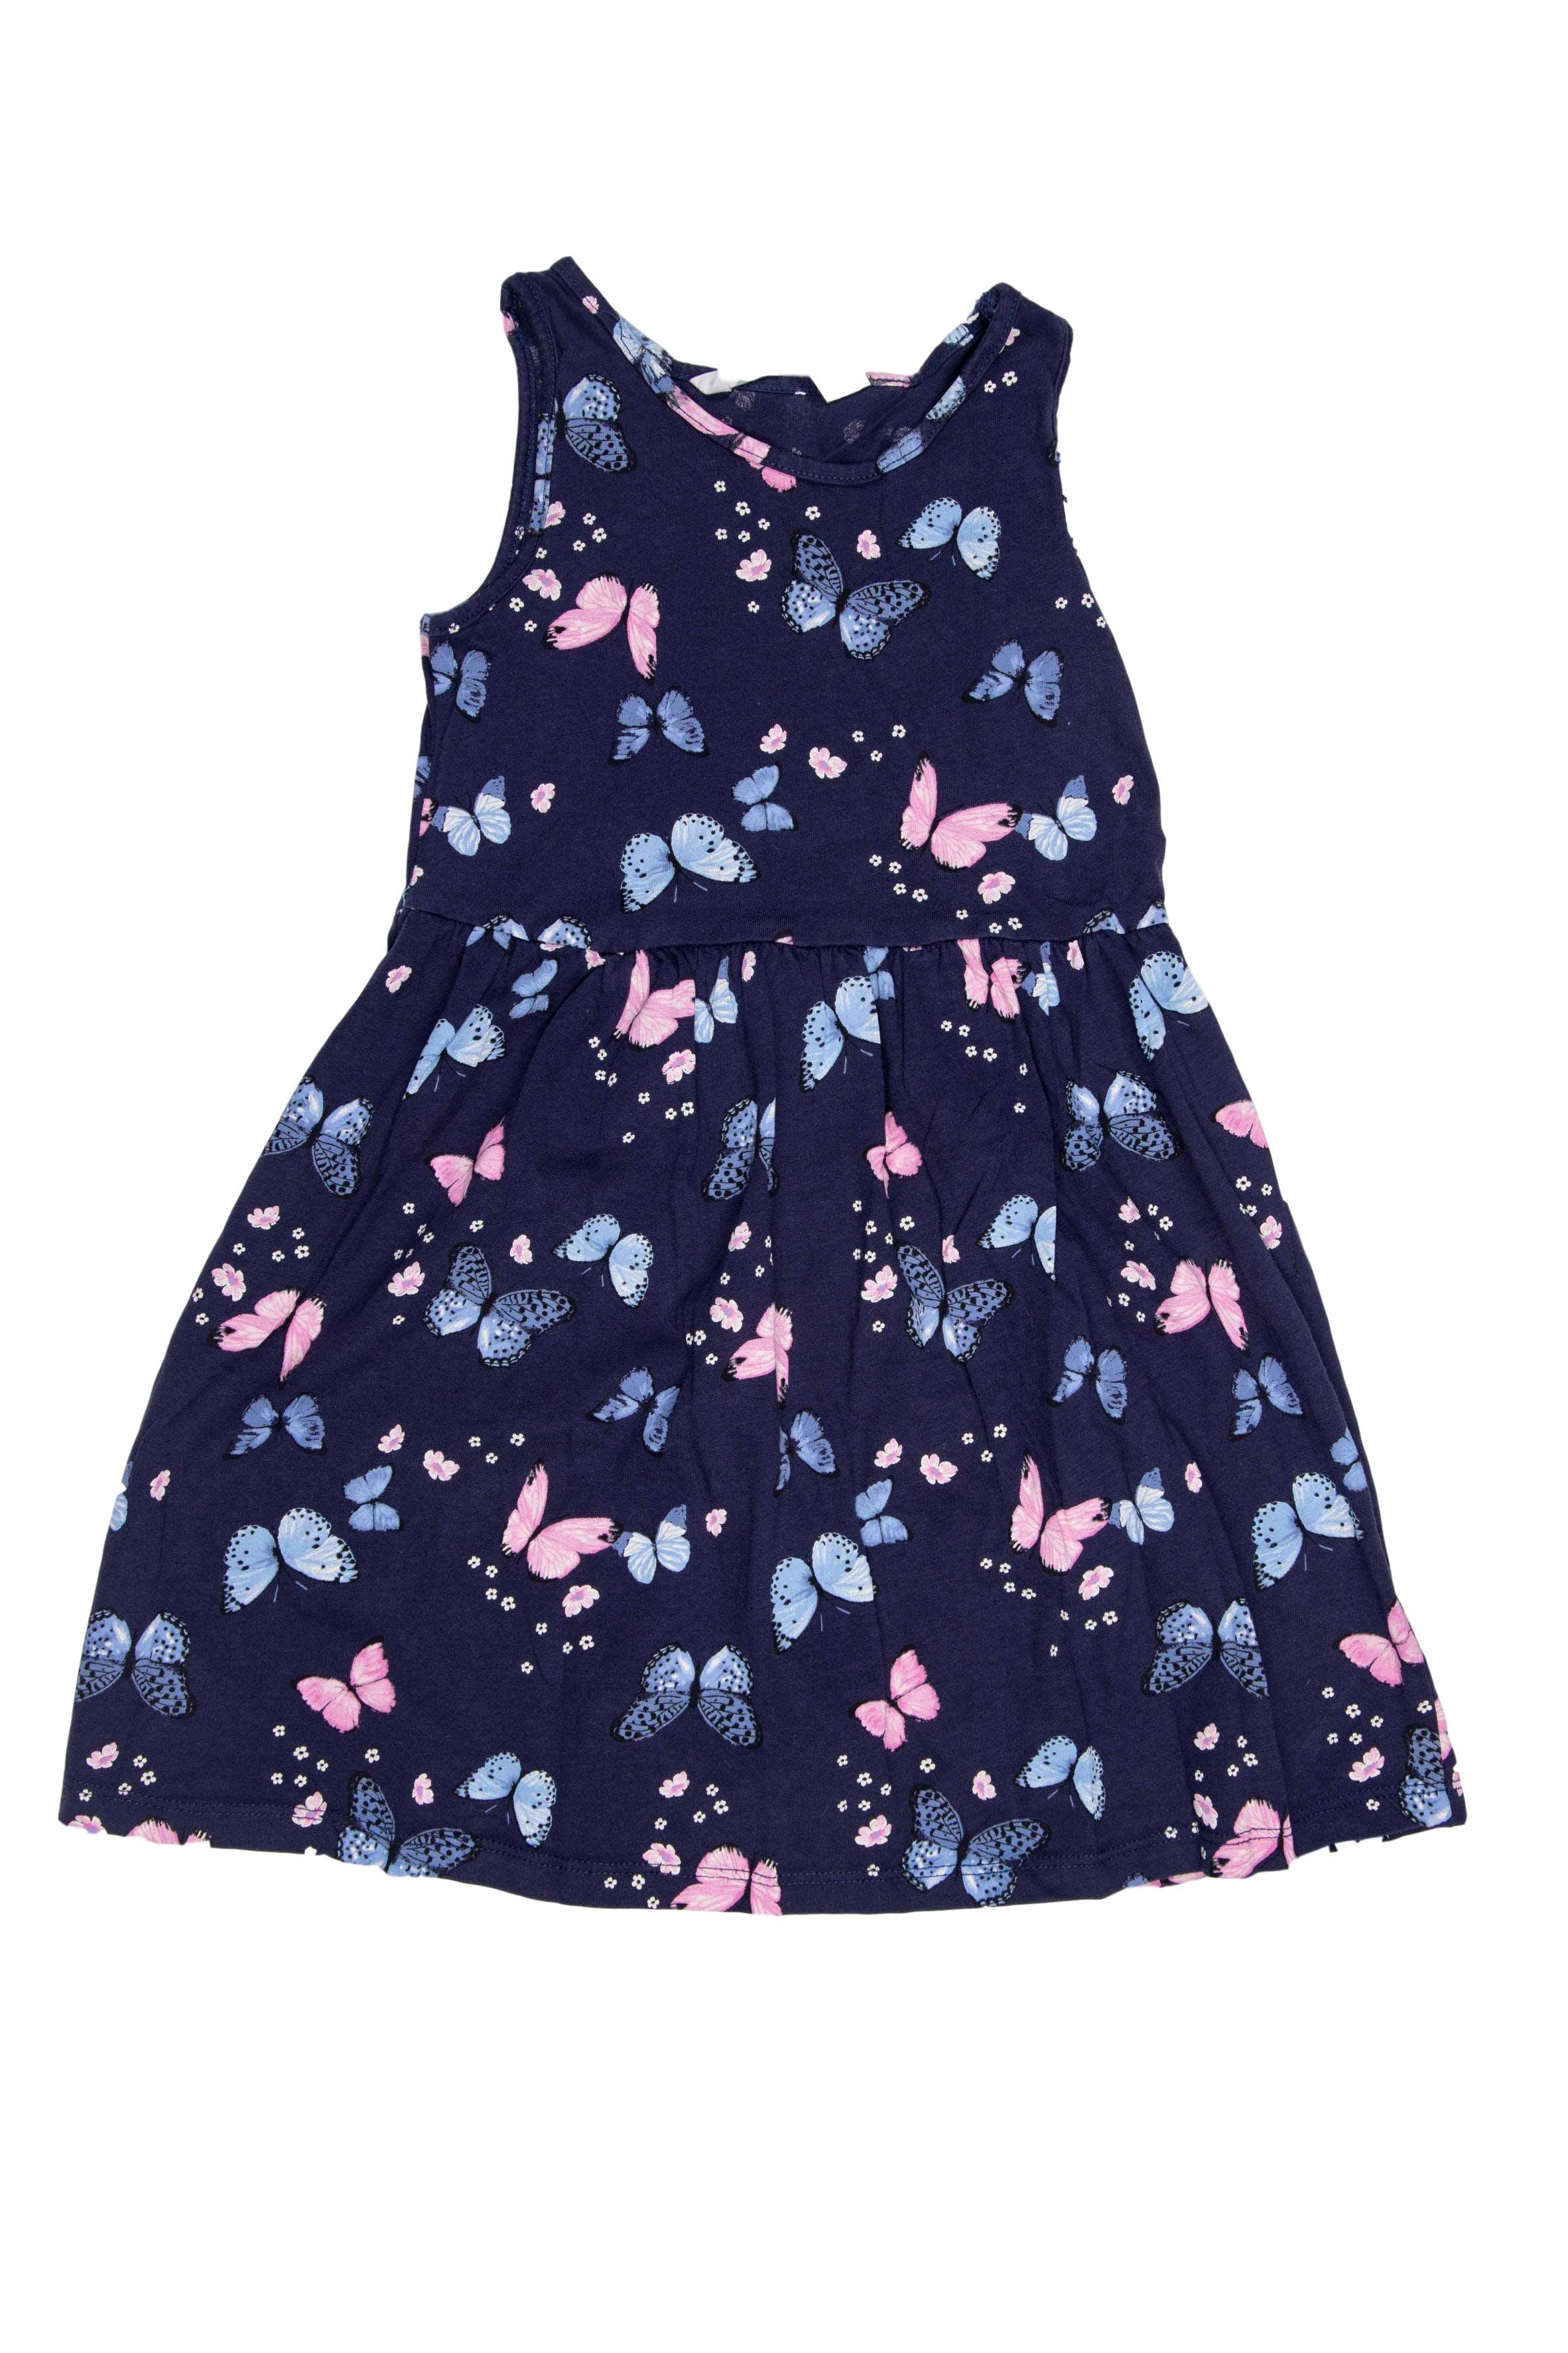 Vestido azul con mariposas y florcitas 100% algodón (etiqueta: 4 - 6 años) - H & M